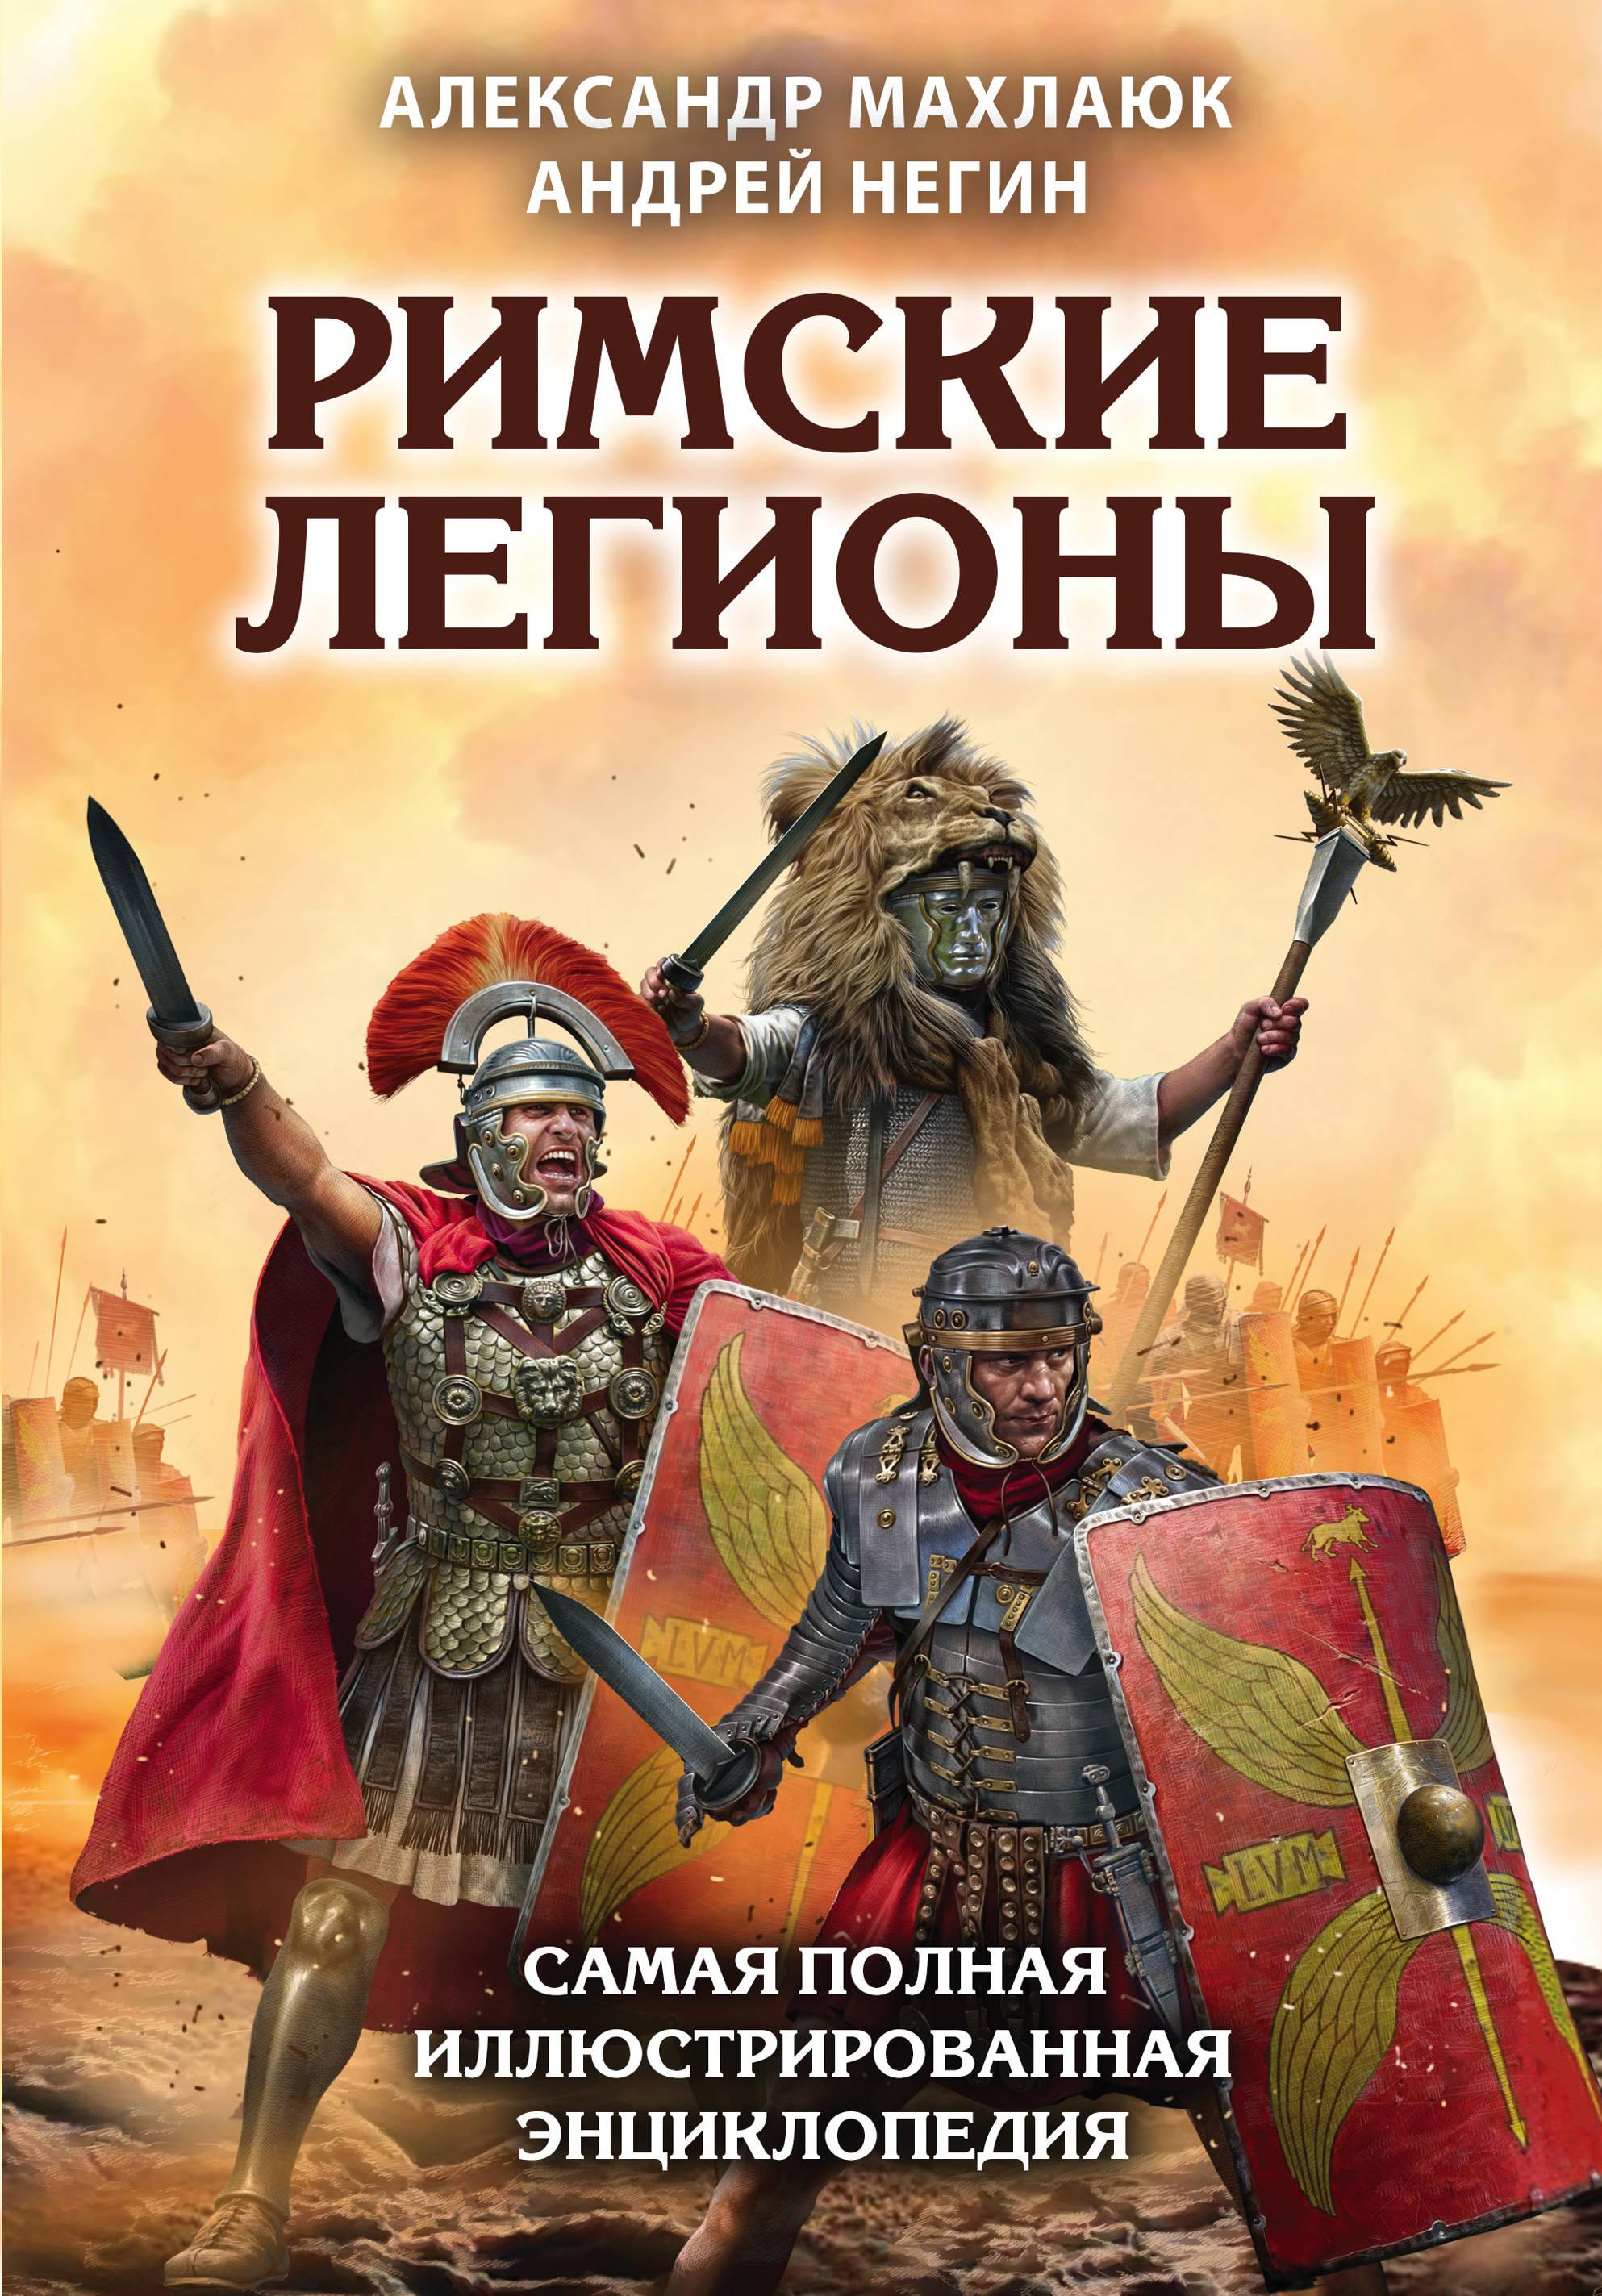 Александр Махлаюк, Андрей Негин Римские легионы. Самая полная иллюстрированная энциклопедия